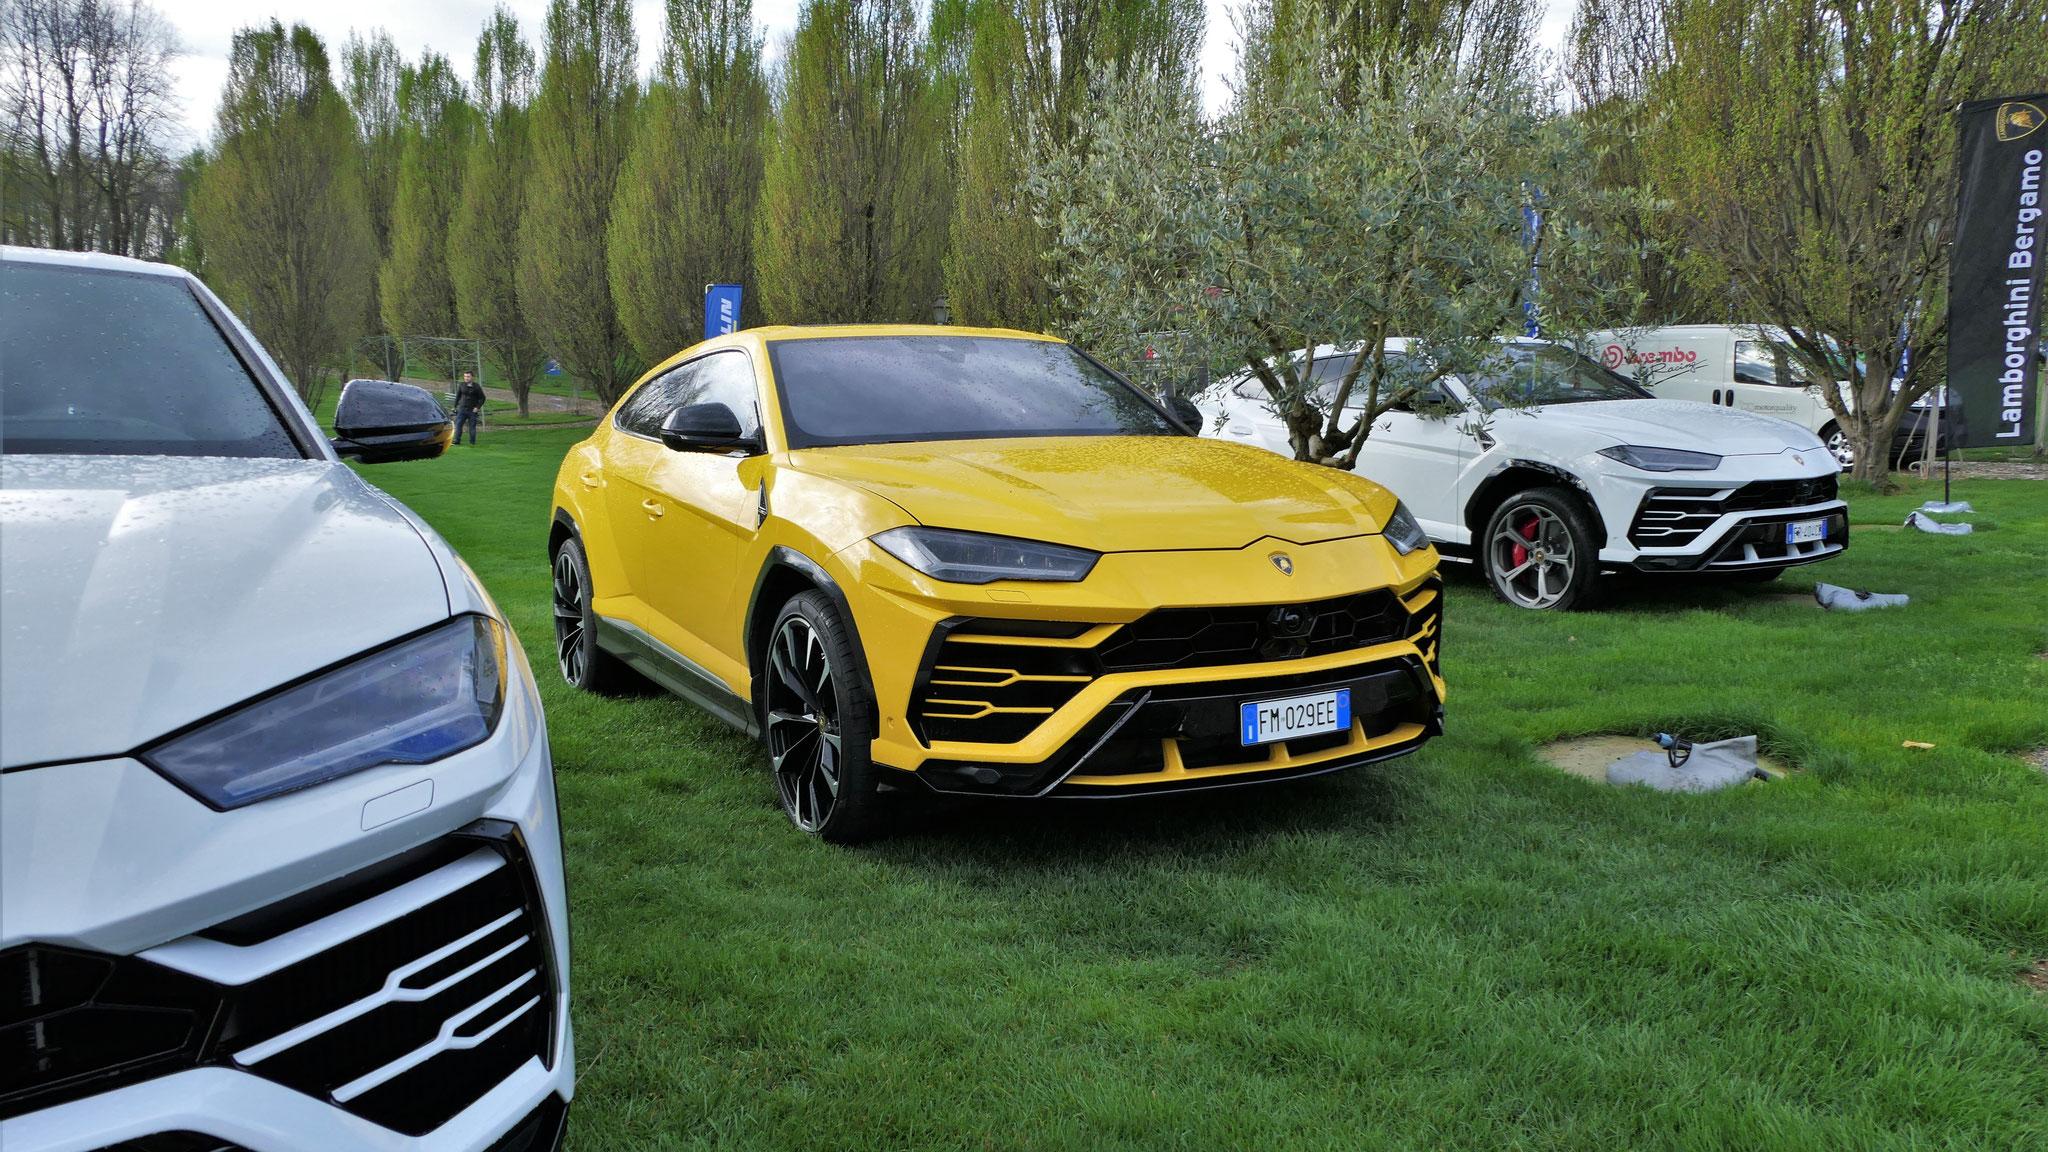 Lamborghini Urus - FM-029-EE (ITA)